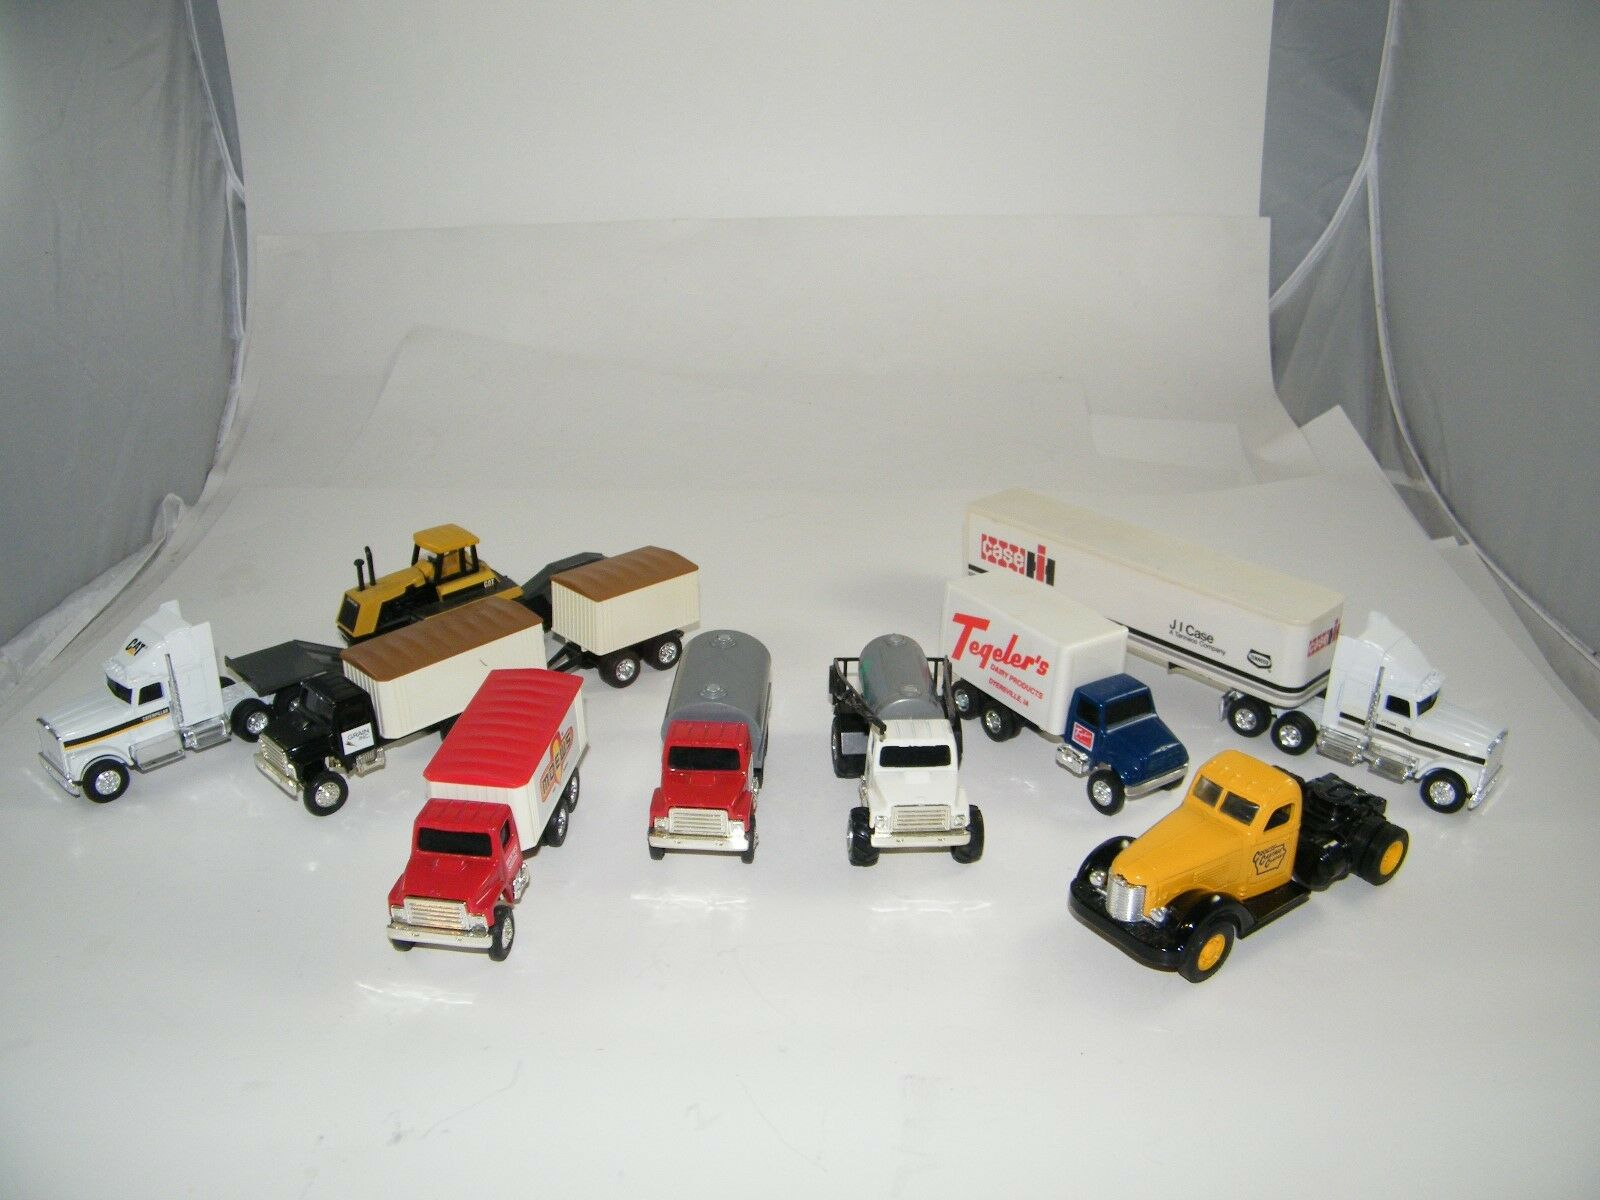 El nuevo outlet de marcas online. Lote de 9 vehículos Ertl Diecast Diecast Diecast  caso de JI, telegers, moews, Crouse, Gato, más   descuento de ventas